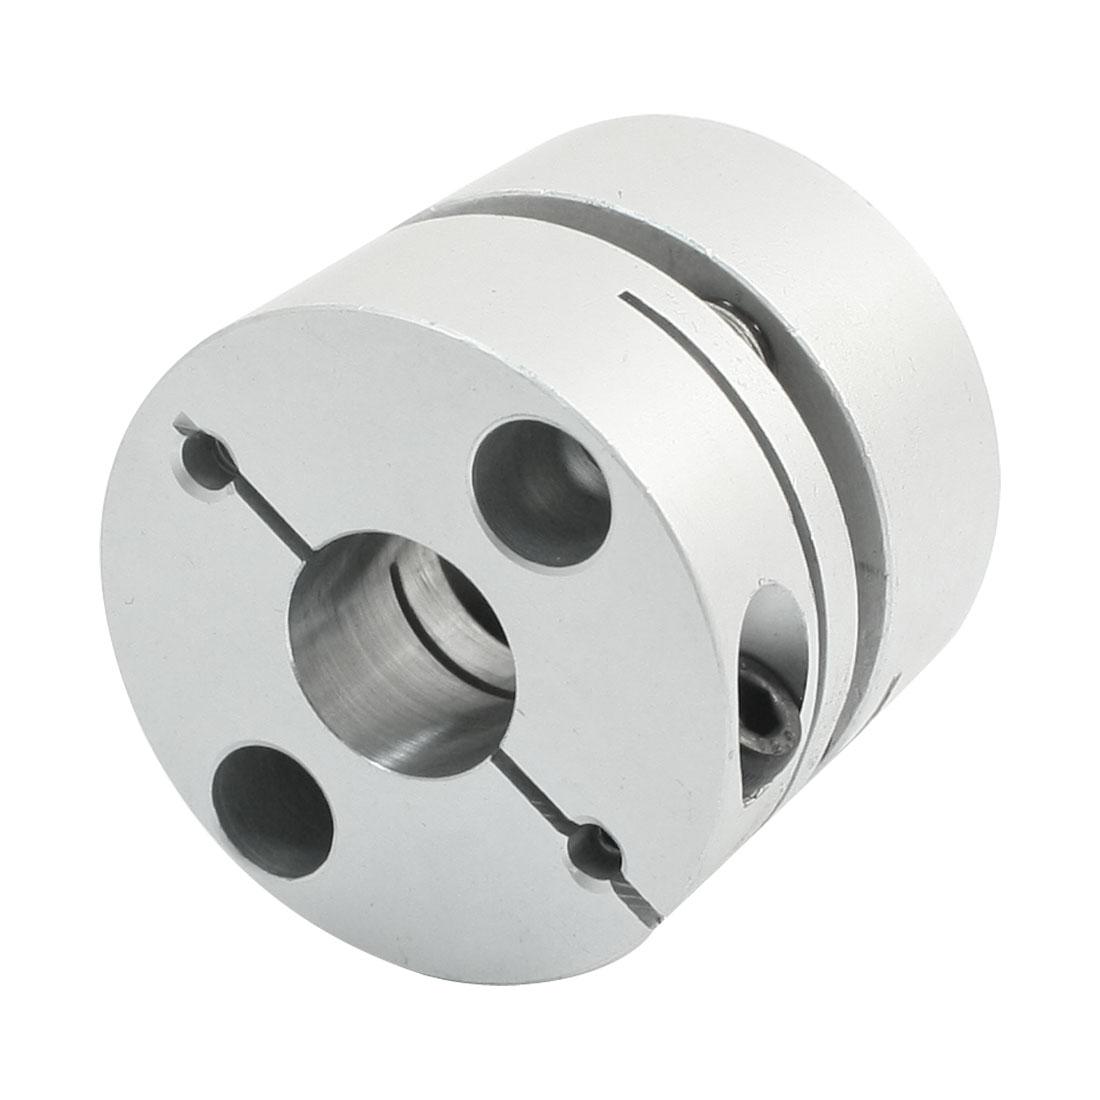 12mm to 14mm Encoder Motor Shaft Coupling Coupler Joint L34mm D39mm